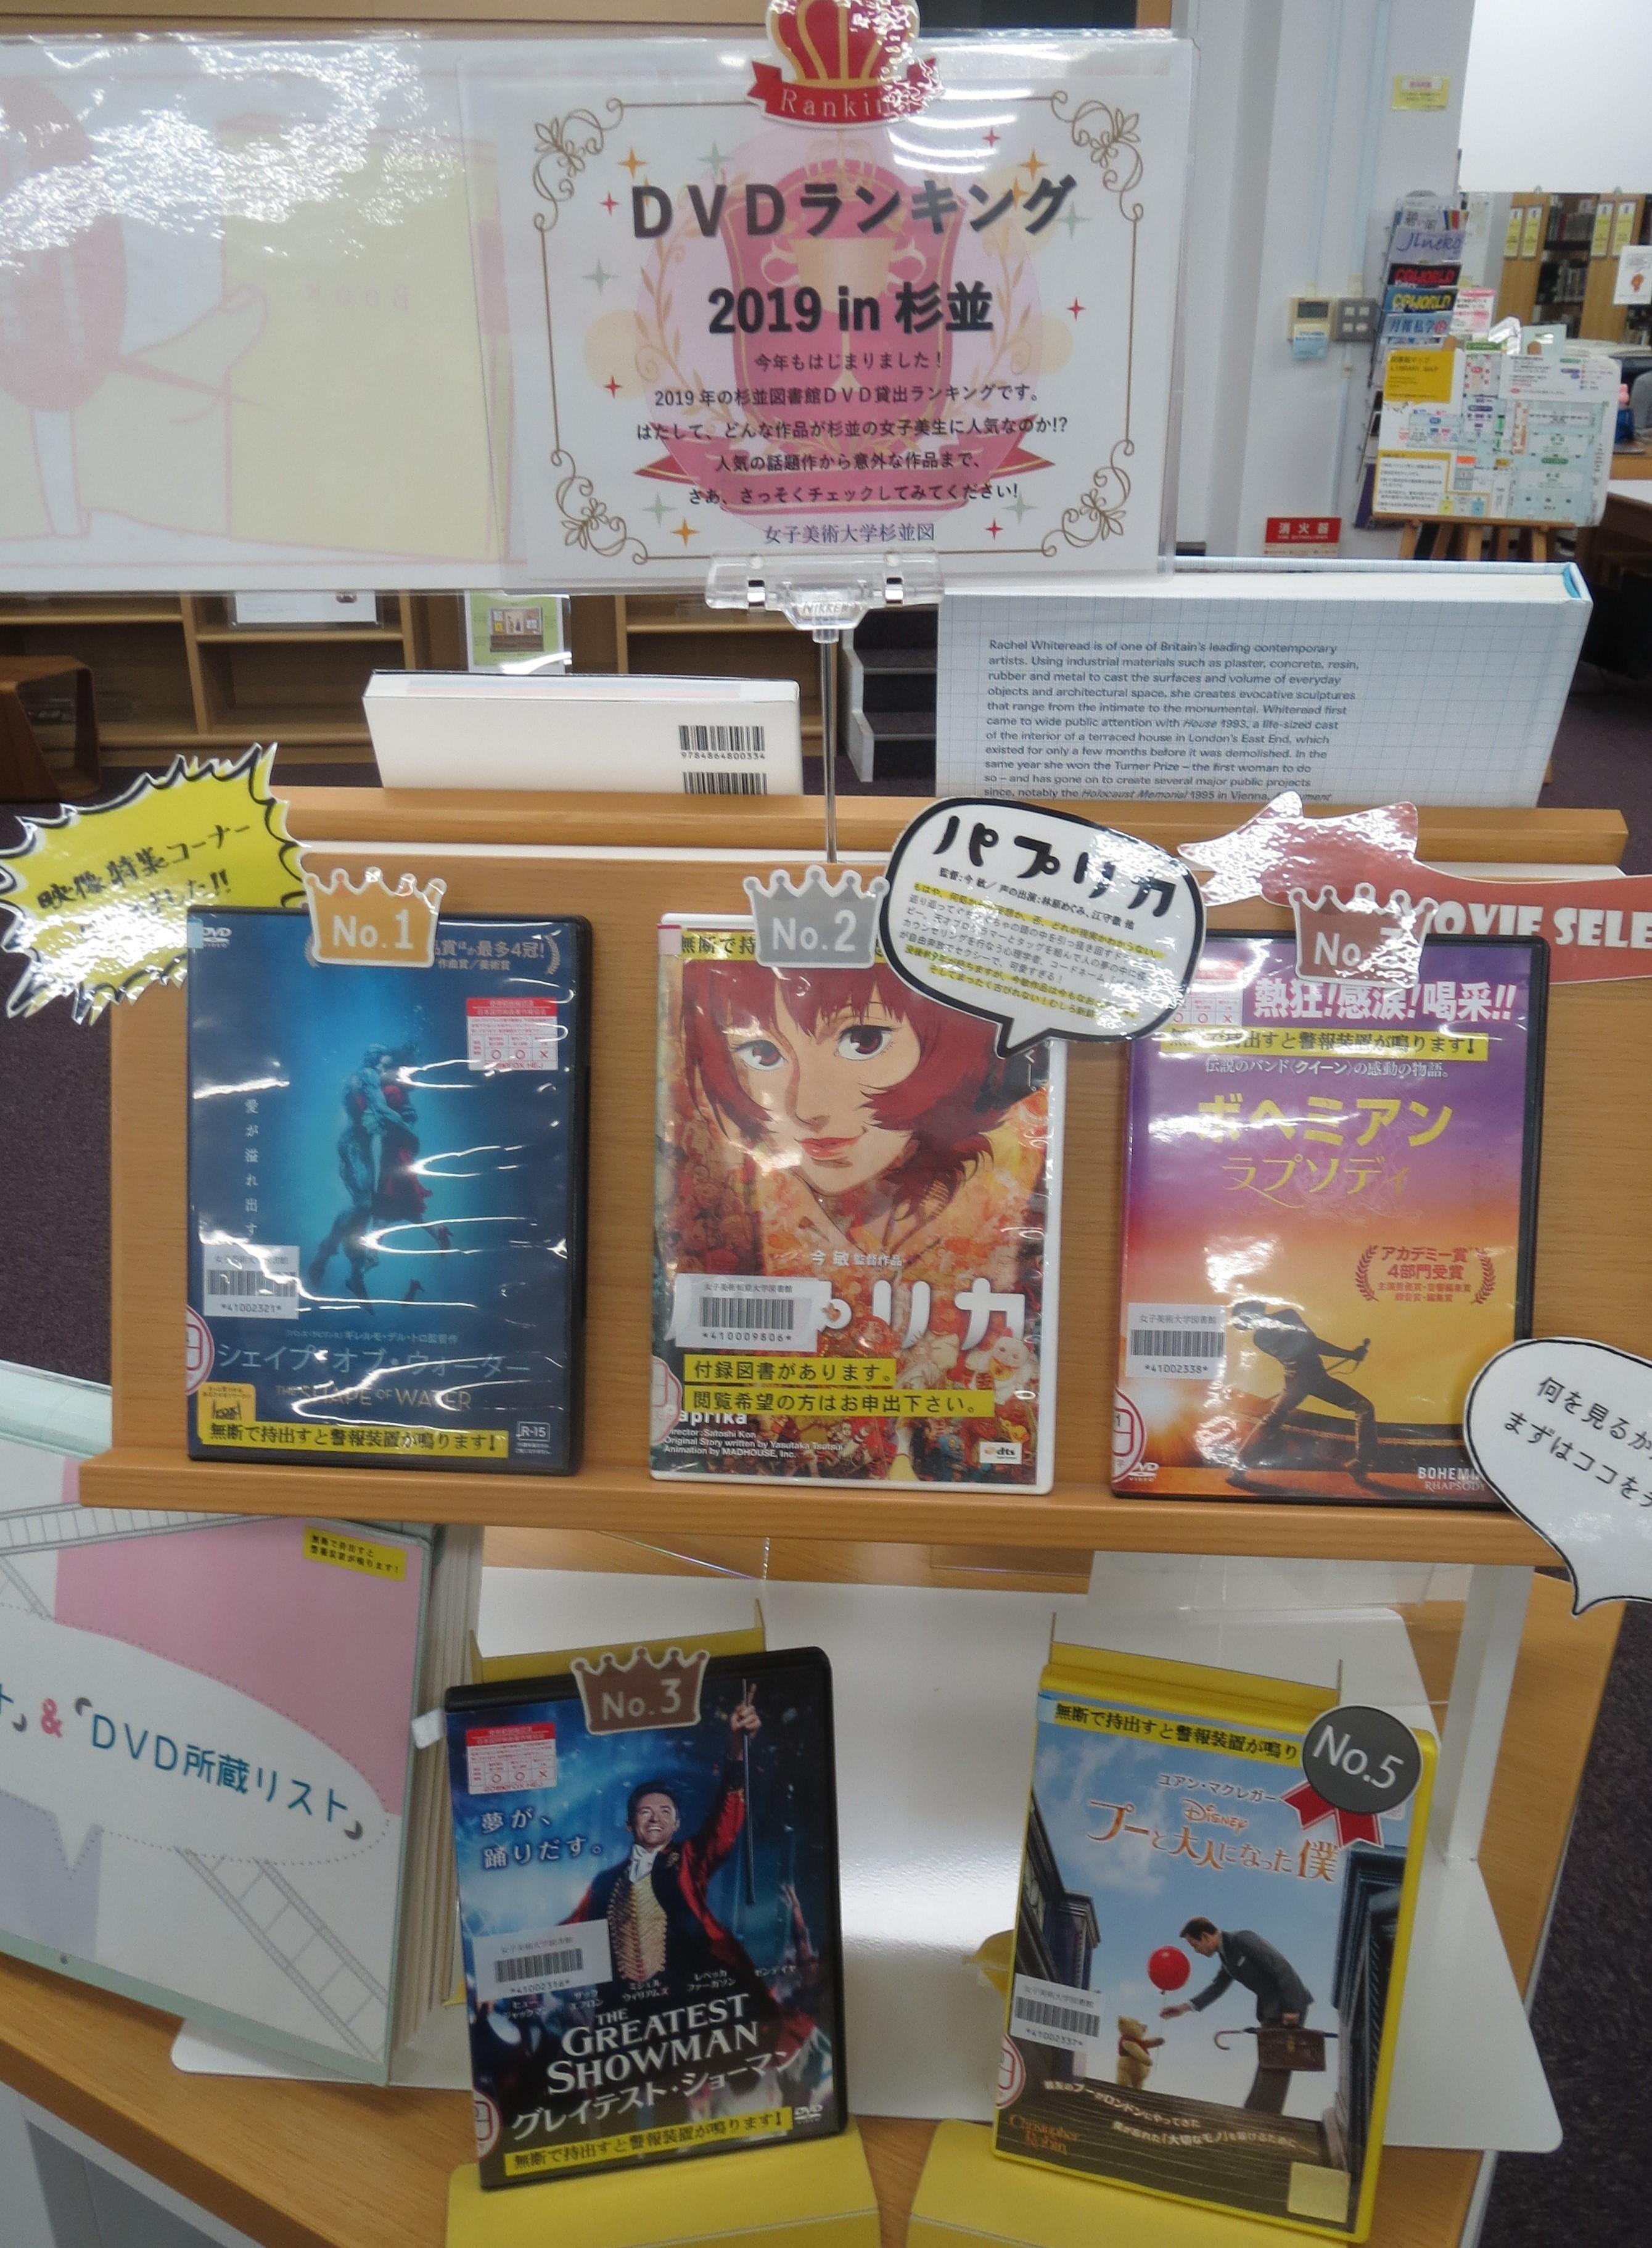 DVDランキング2019 in 杉並